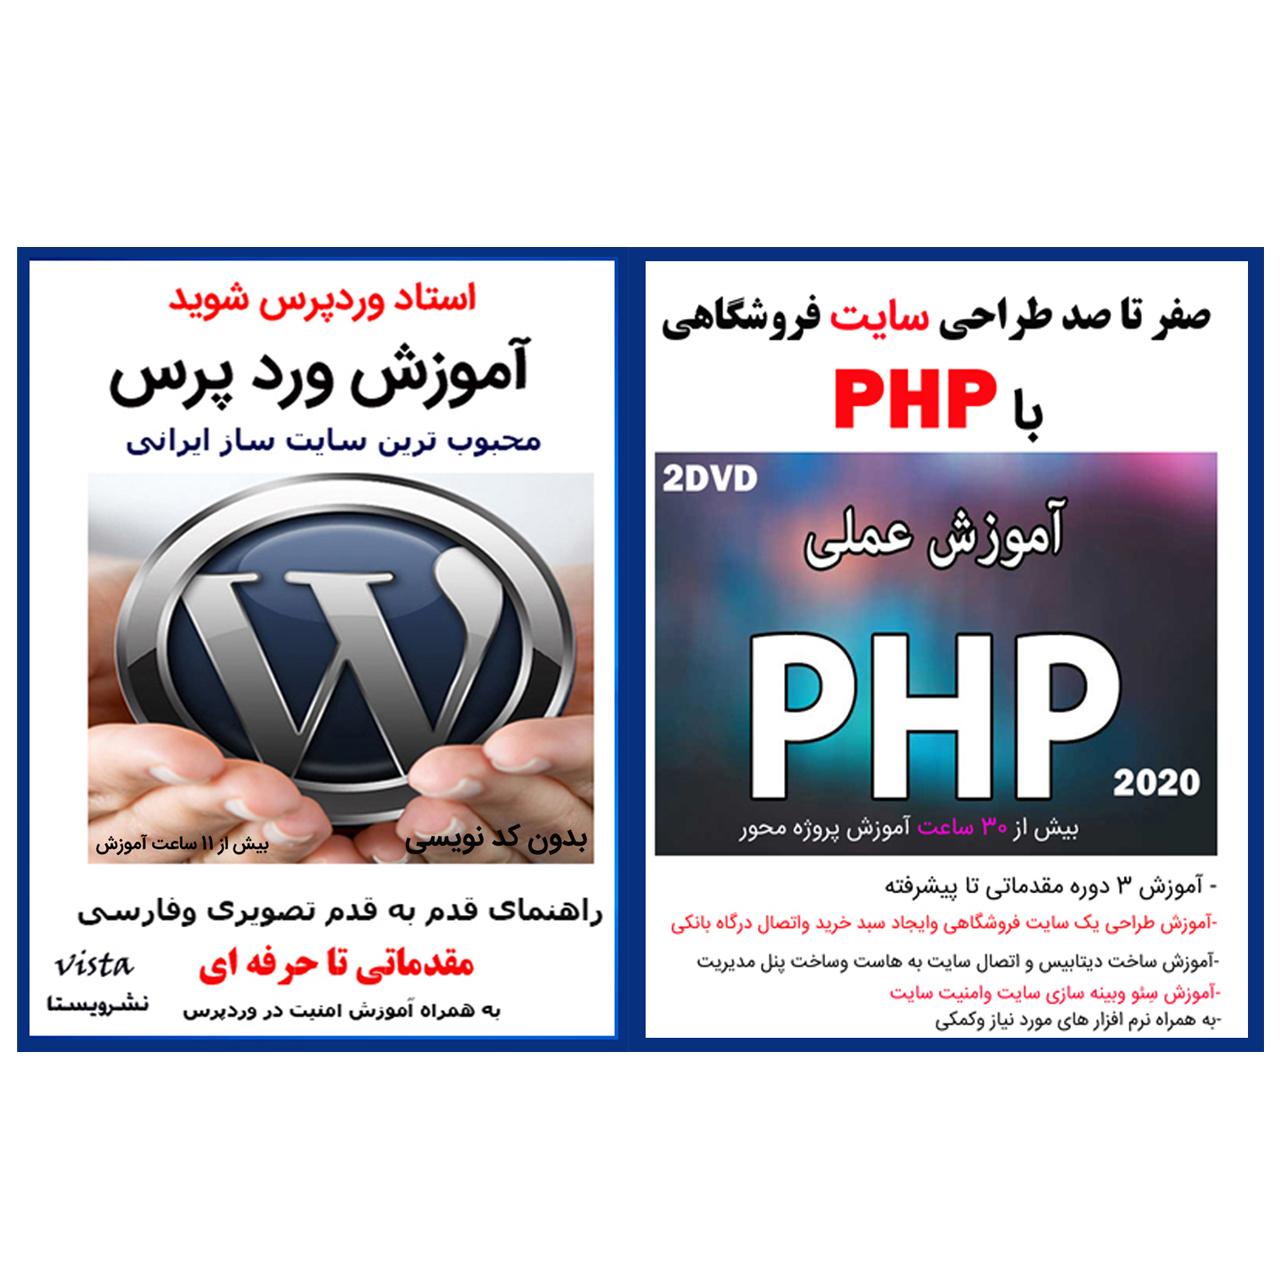 نرم افزار آموزش صفر تا صد طراحی سایت فروشگاهی با php نشر کاران به همراه نرم افزار آموزش وردپرس نشر ویستا